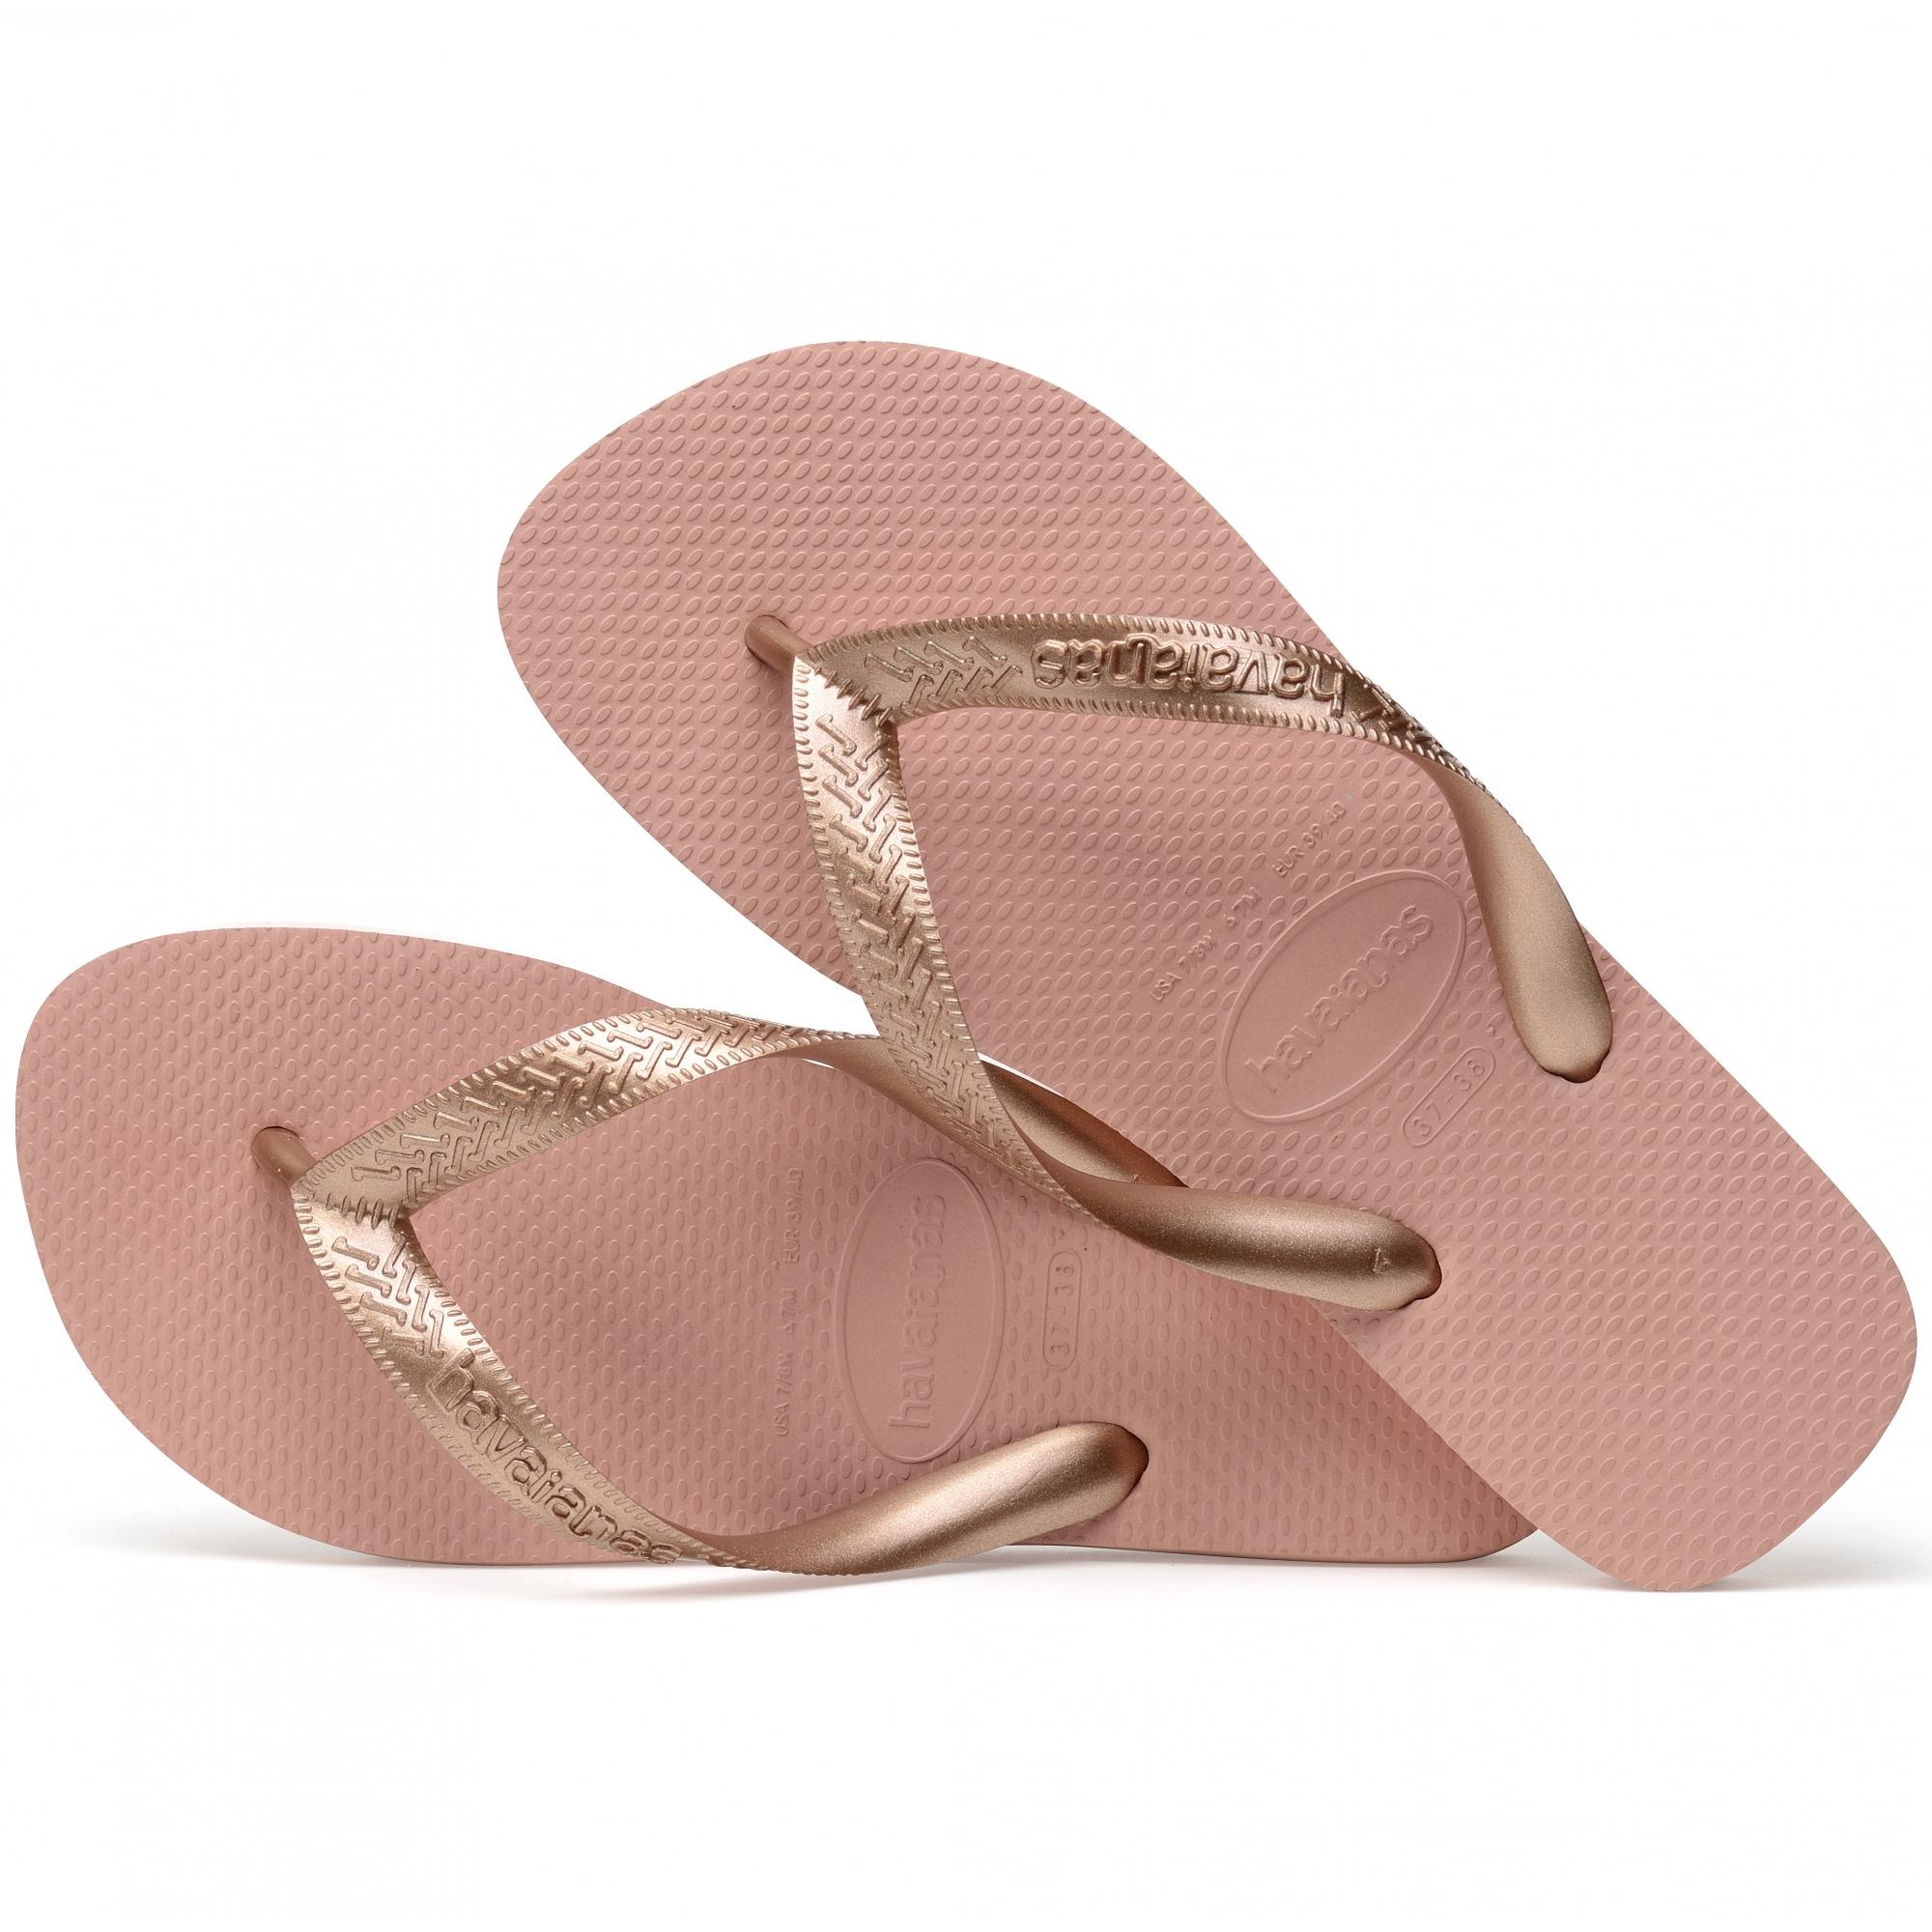 9dbda8ea3b92 Havaianas HAV TOP TIRAS Ladies Flip Flops Rose Nude